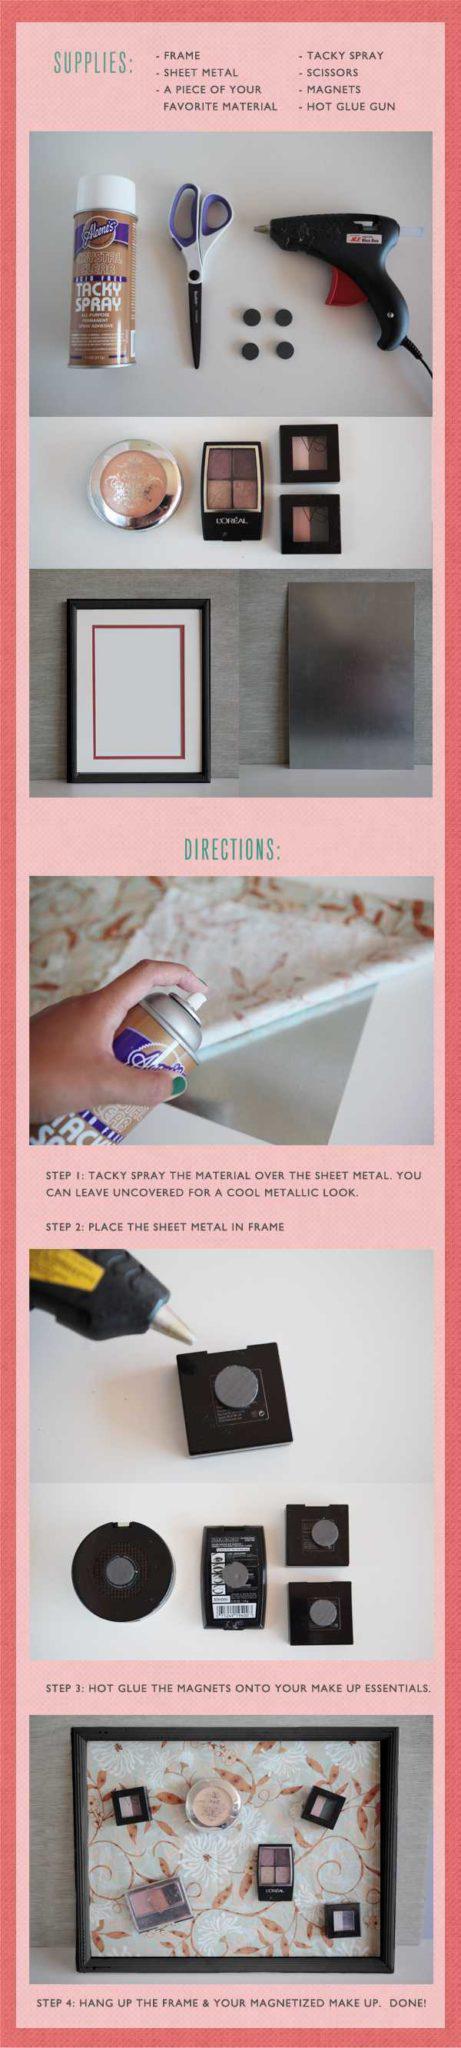 Как хранить вещи дома при помощи магнитов 12 | Дока-Мастер